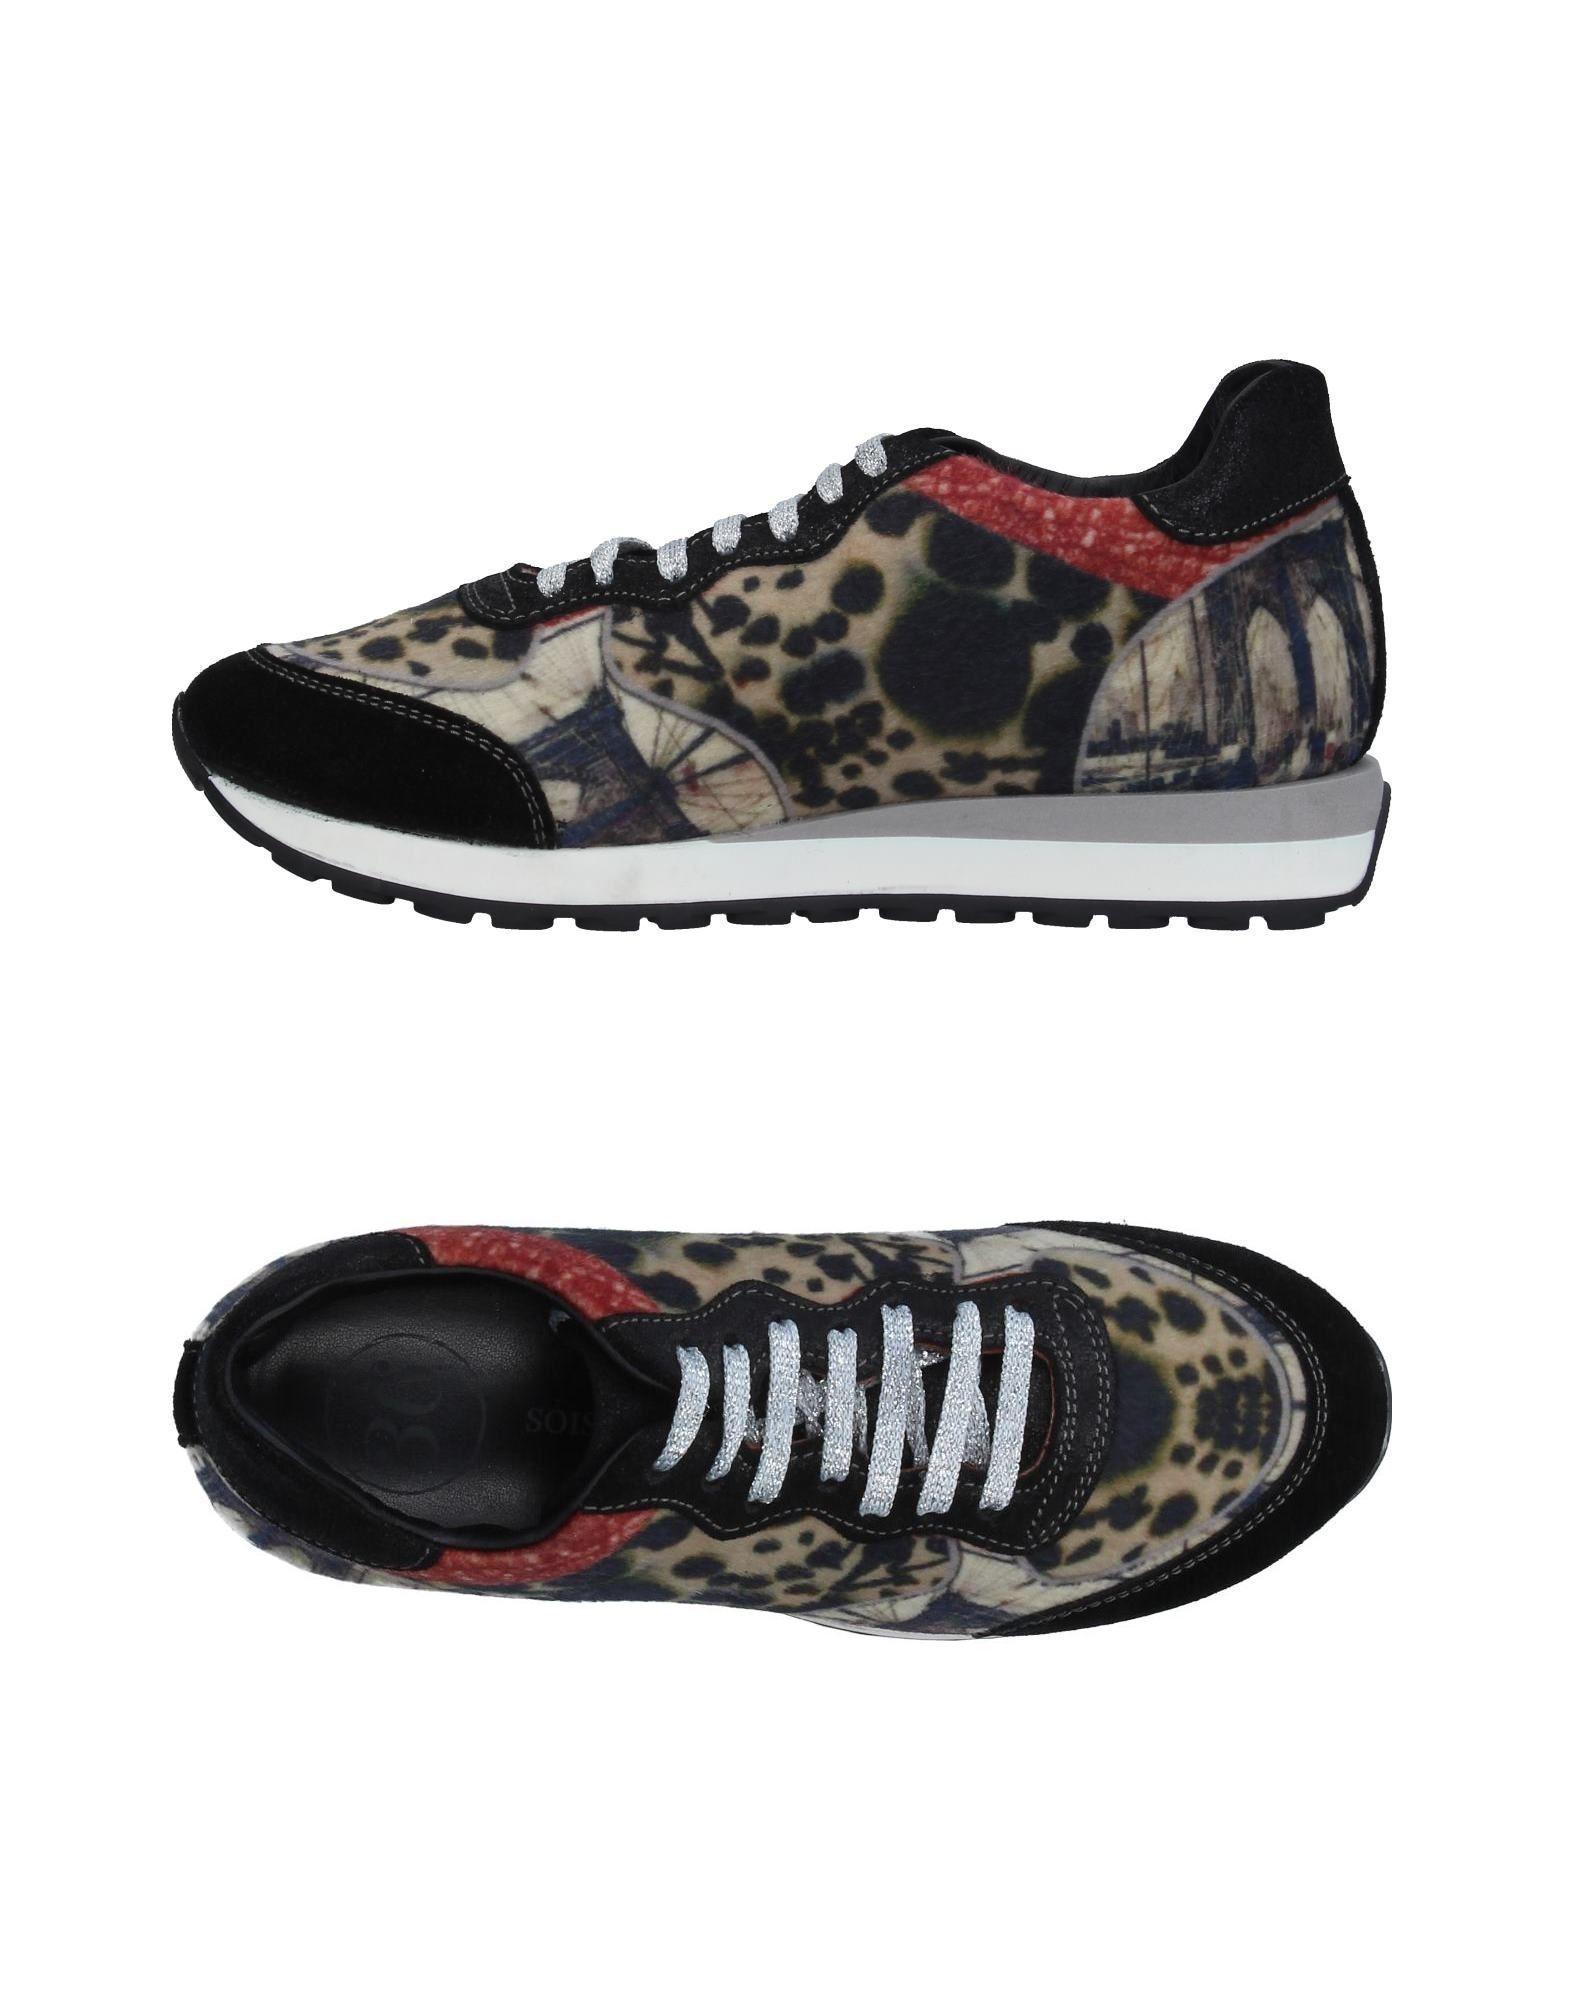 FOOTWEAR - Low-tops & sneakers Soisire Soiebleu K4sXSjpQ